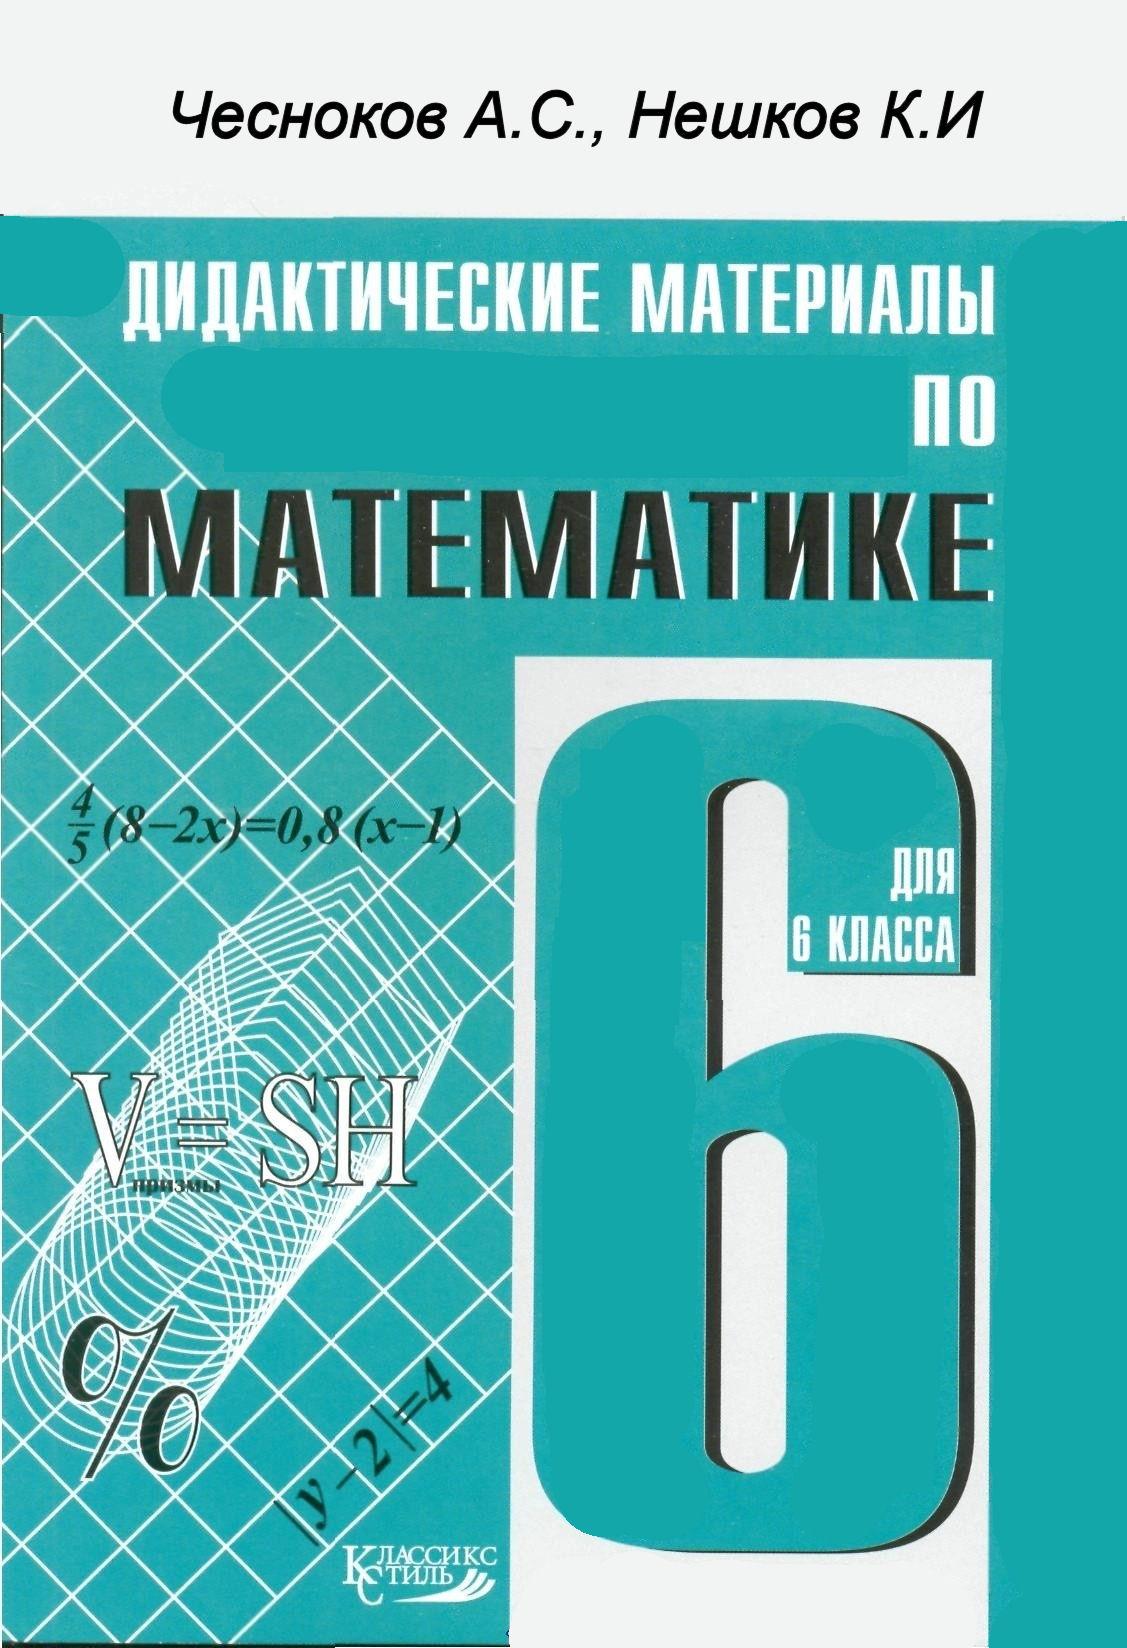 Гдз по русскому языку 5 класс издательство дрофа 2002 год